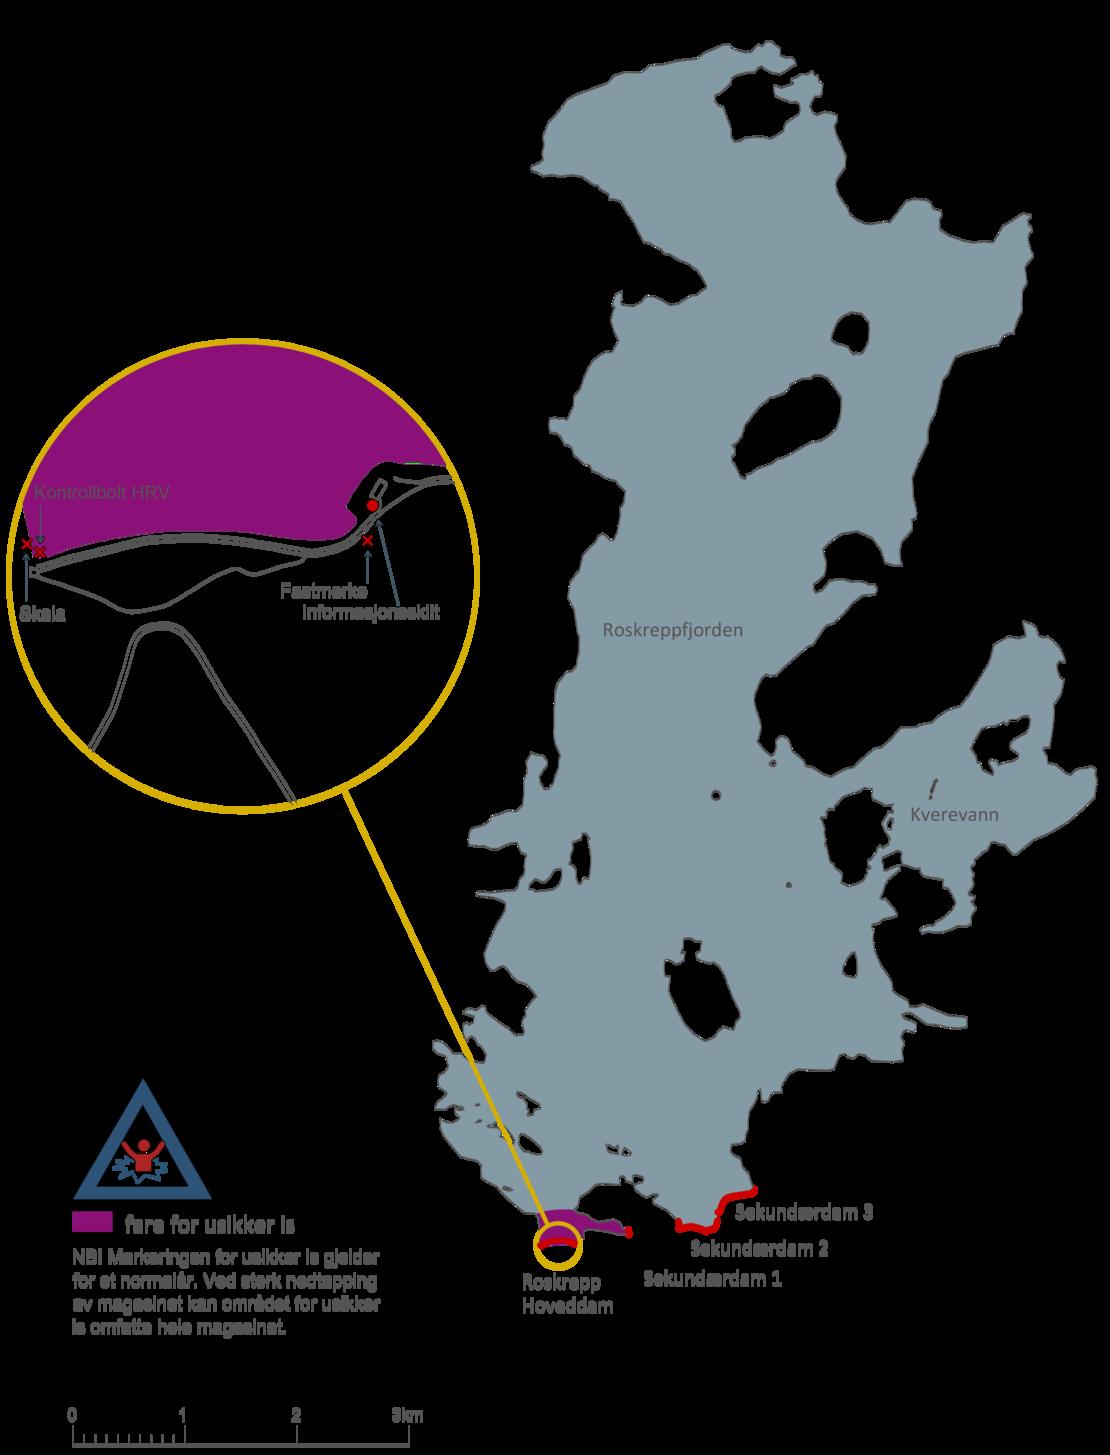 Iskart Roskreppfjorden